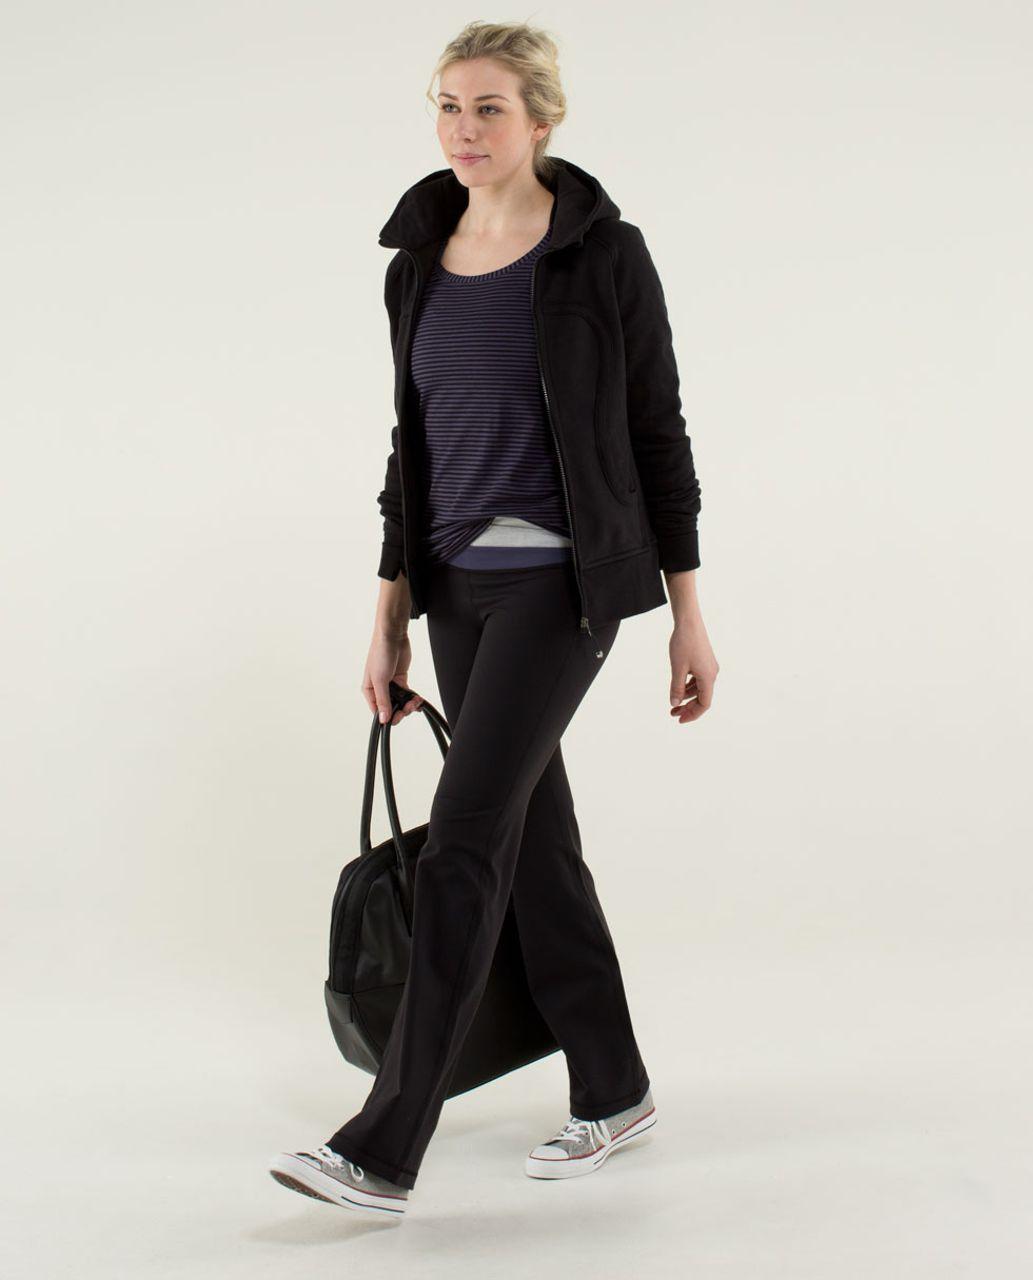 Lululemon Astro Pant (Tall) *Full-On Luon - Black / Cadet Blue / Heathered Medium Grey